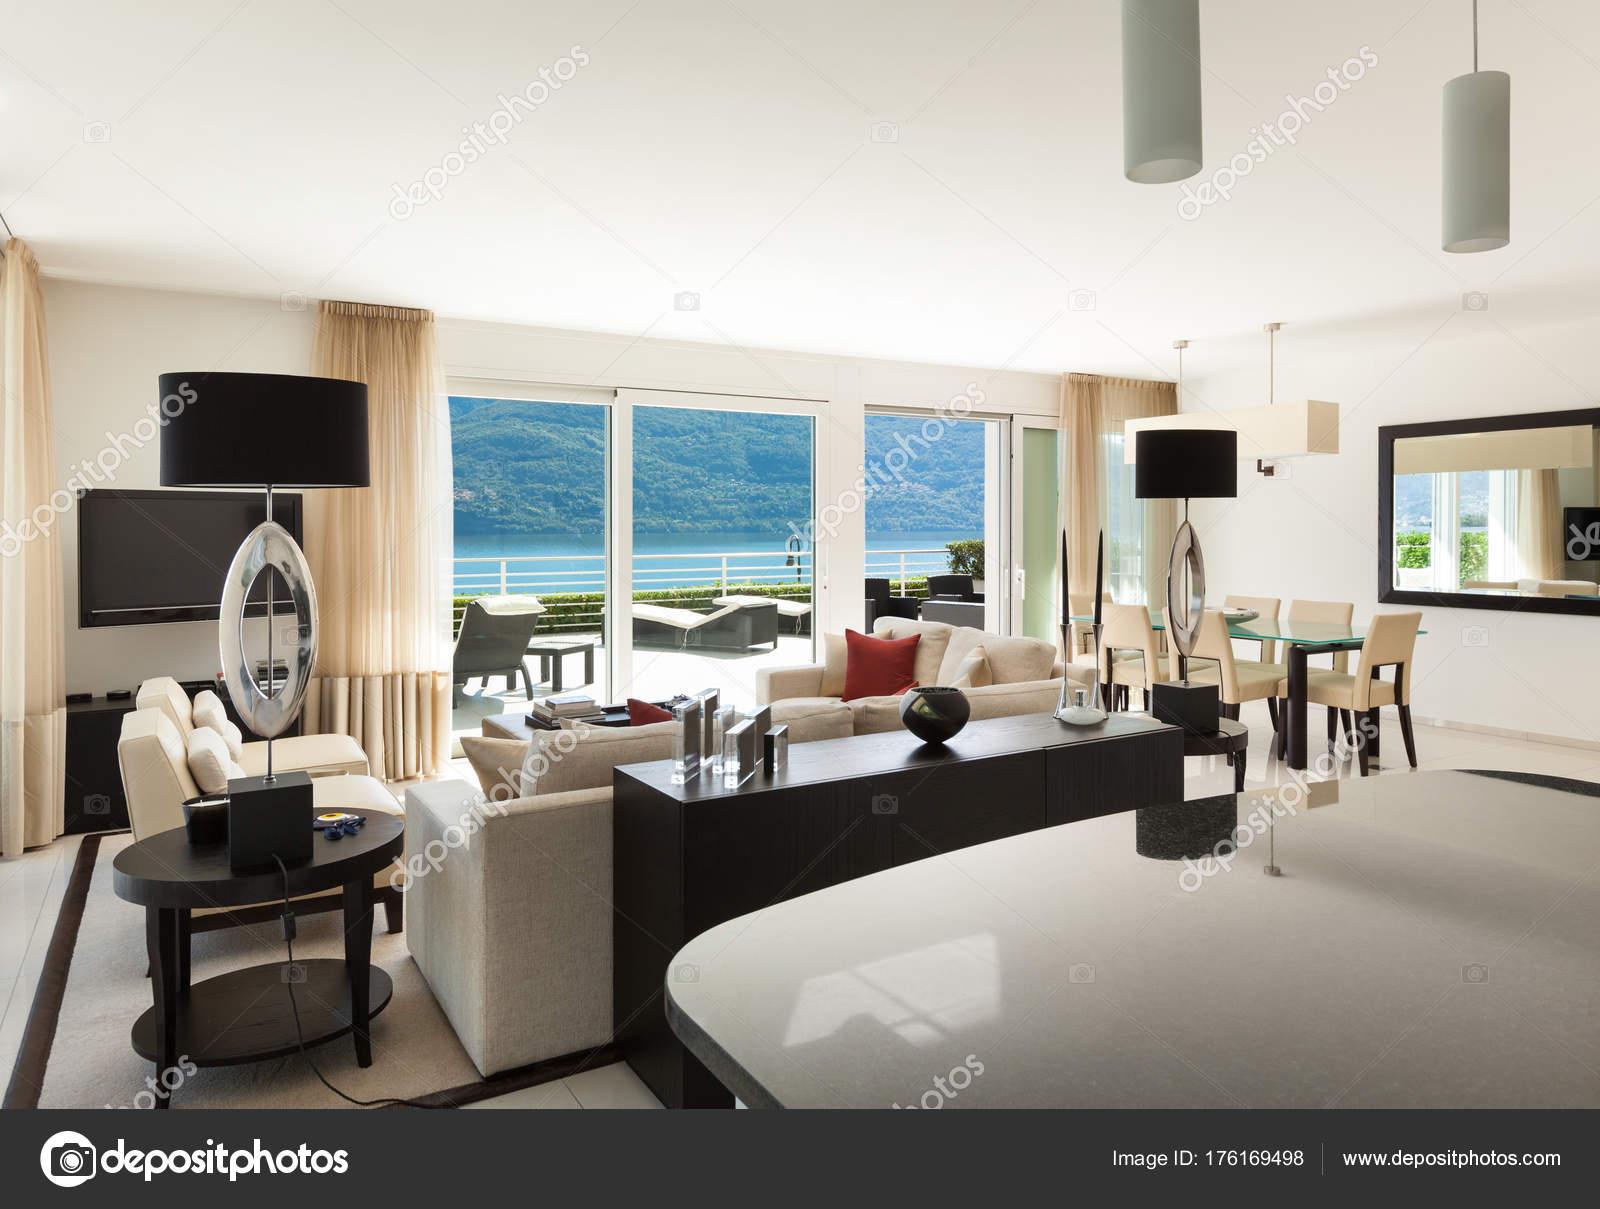 Interieur, moderne Wohnung — Stockfoto © Zveiger #176169498